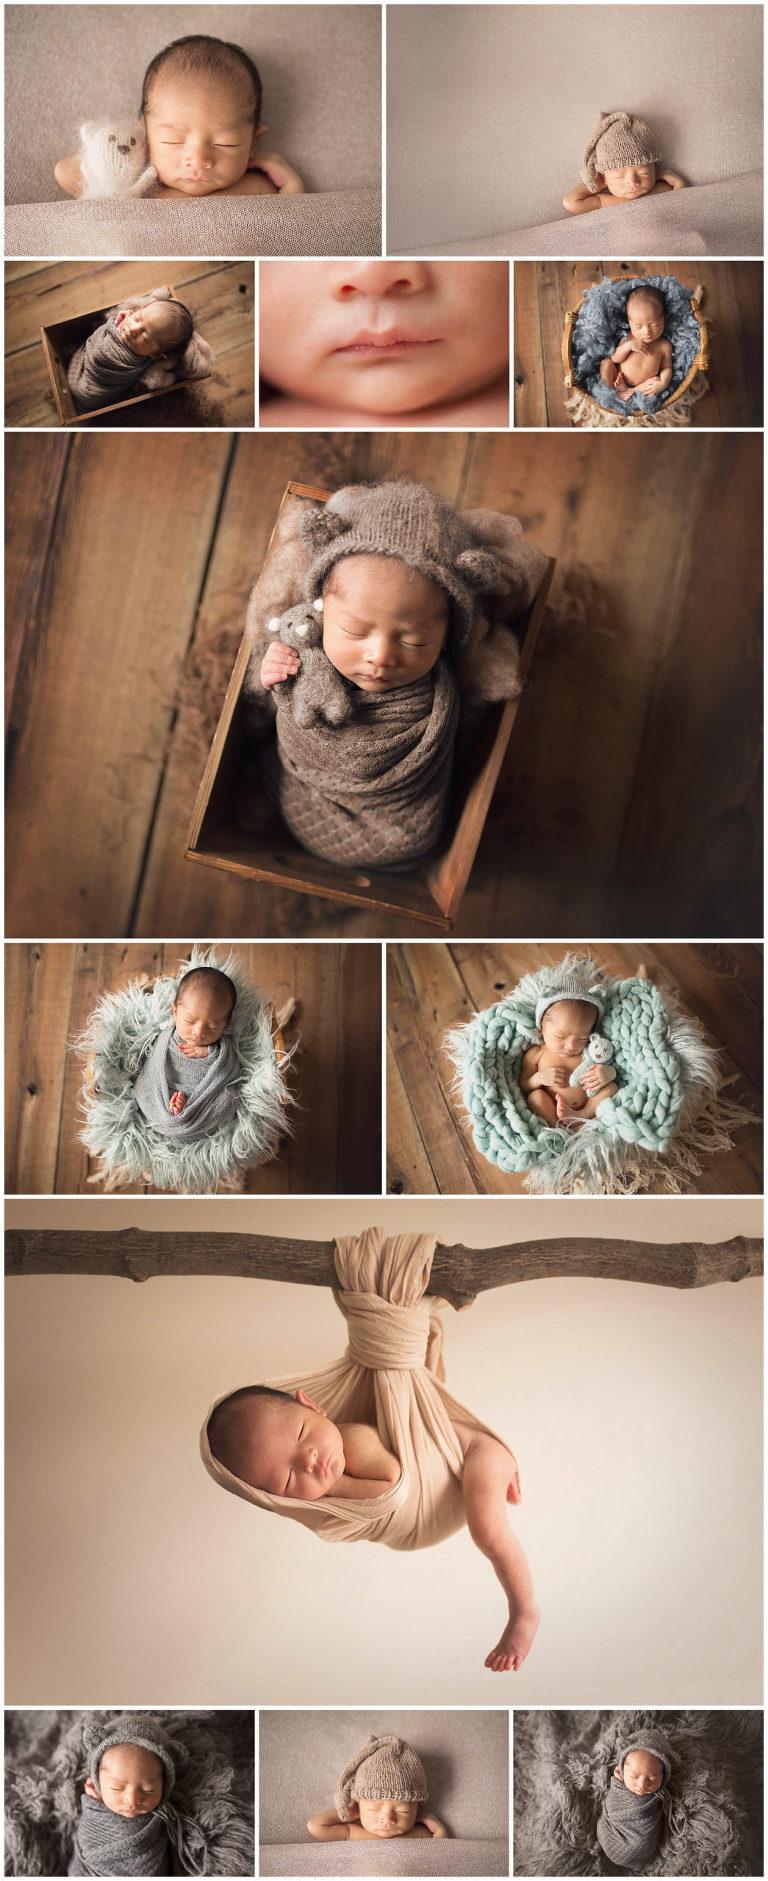 sarnia newborn and baby photographer